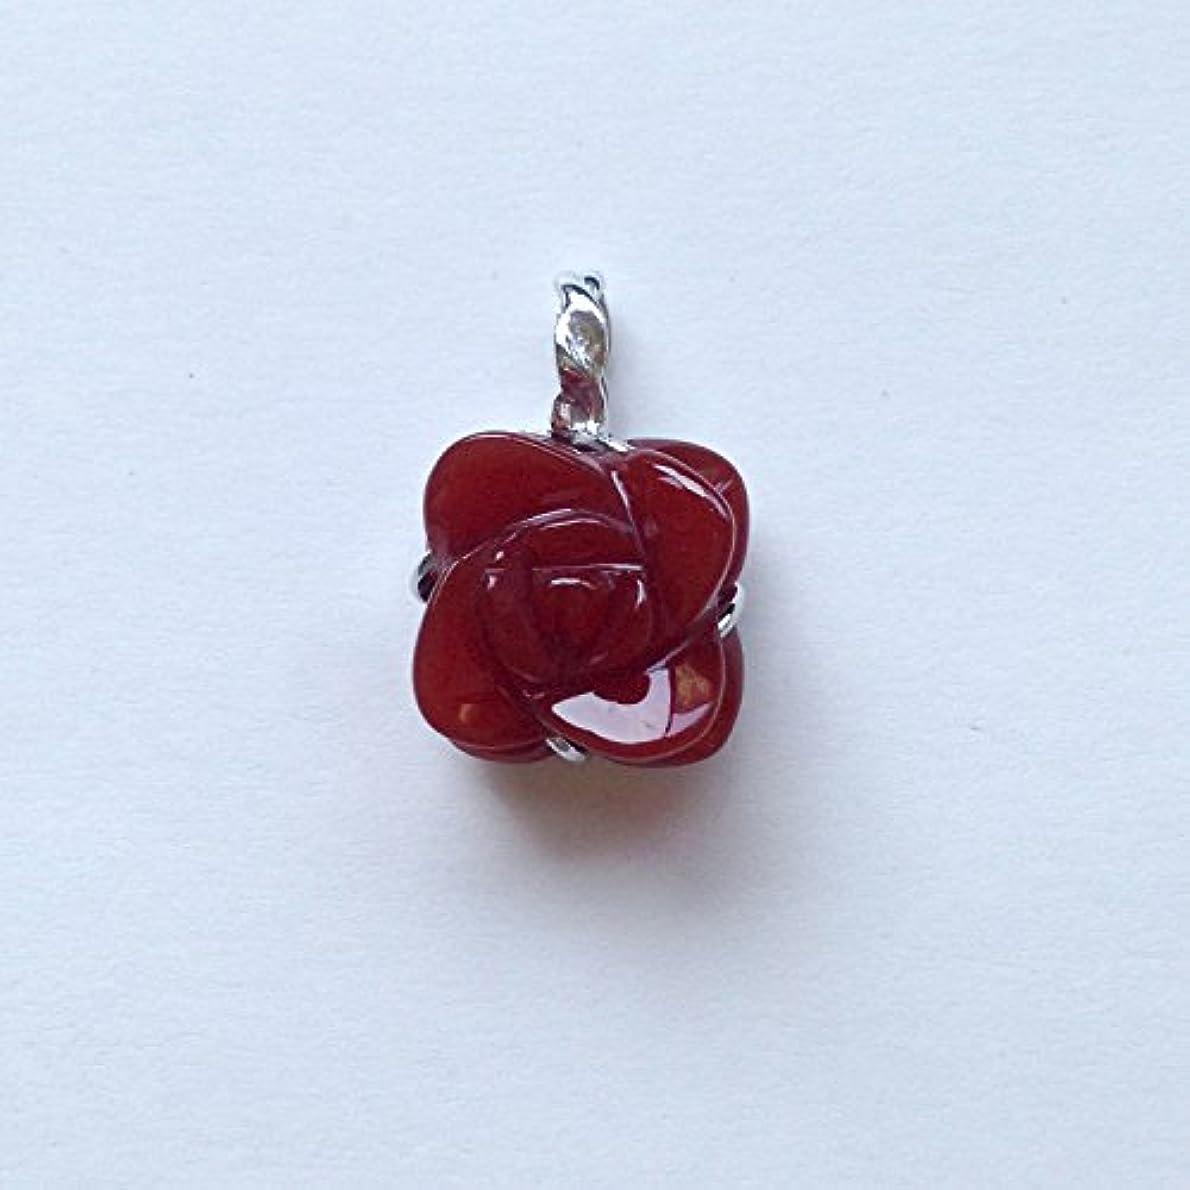 押し下げるジェームズダイソン三番香る宝石SV赤メノウペンダント通常¥26,800の所 (Ag925)